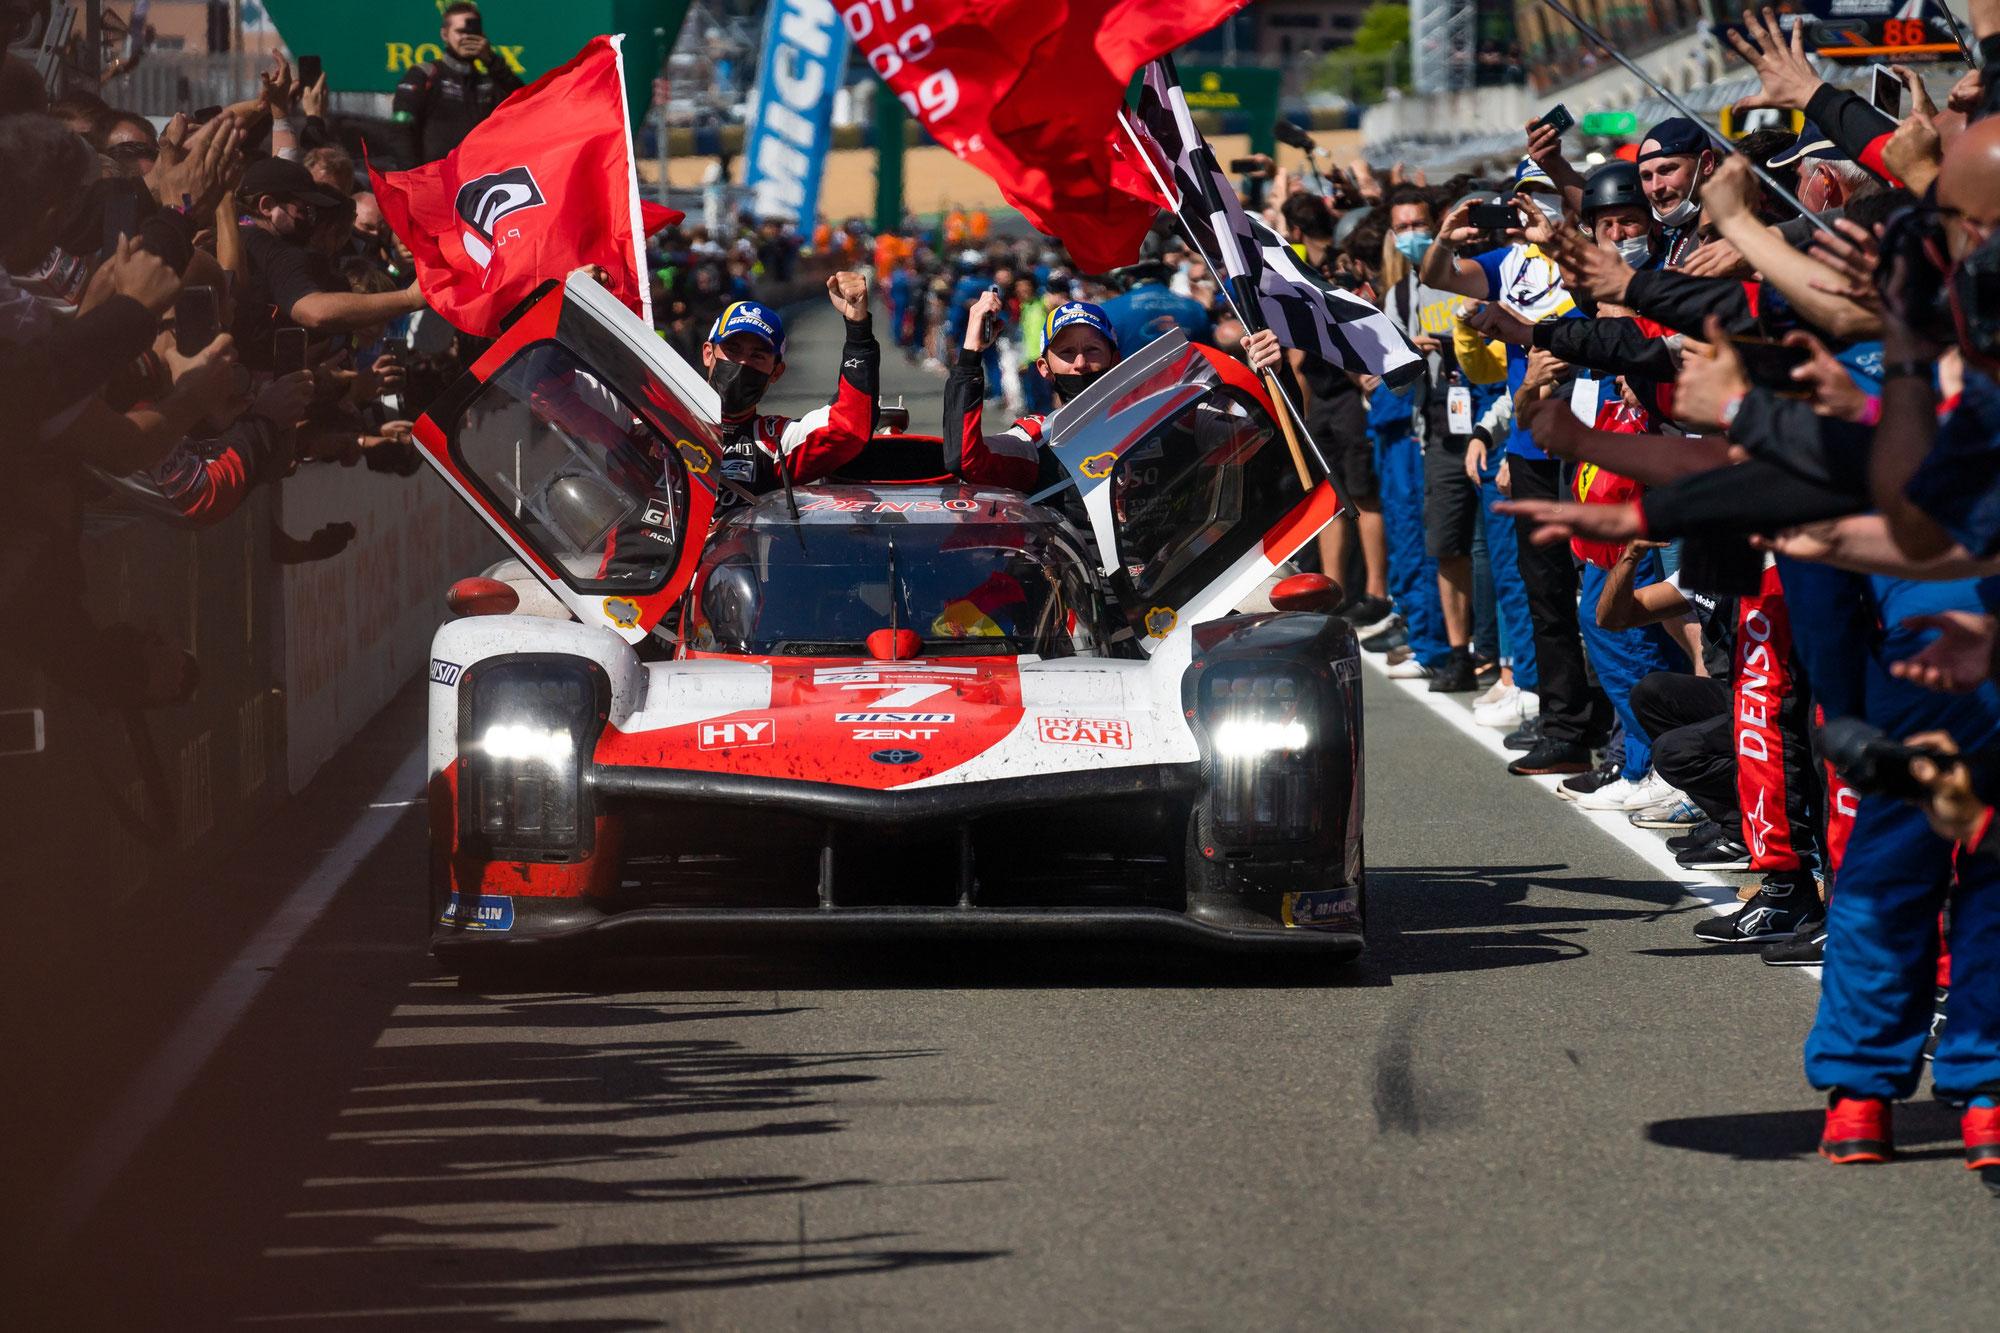 Vierter Le Mans-Sieg in Folge für Toyota - Premierensieg für Startnummer 7